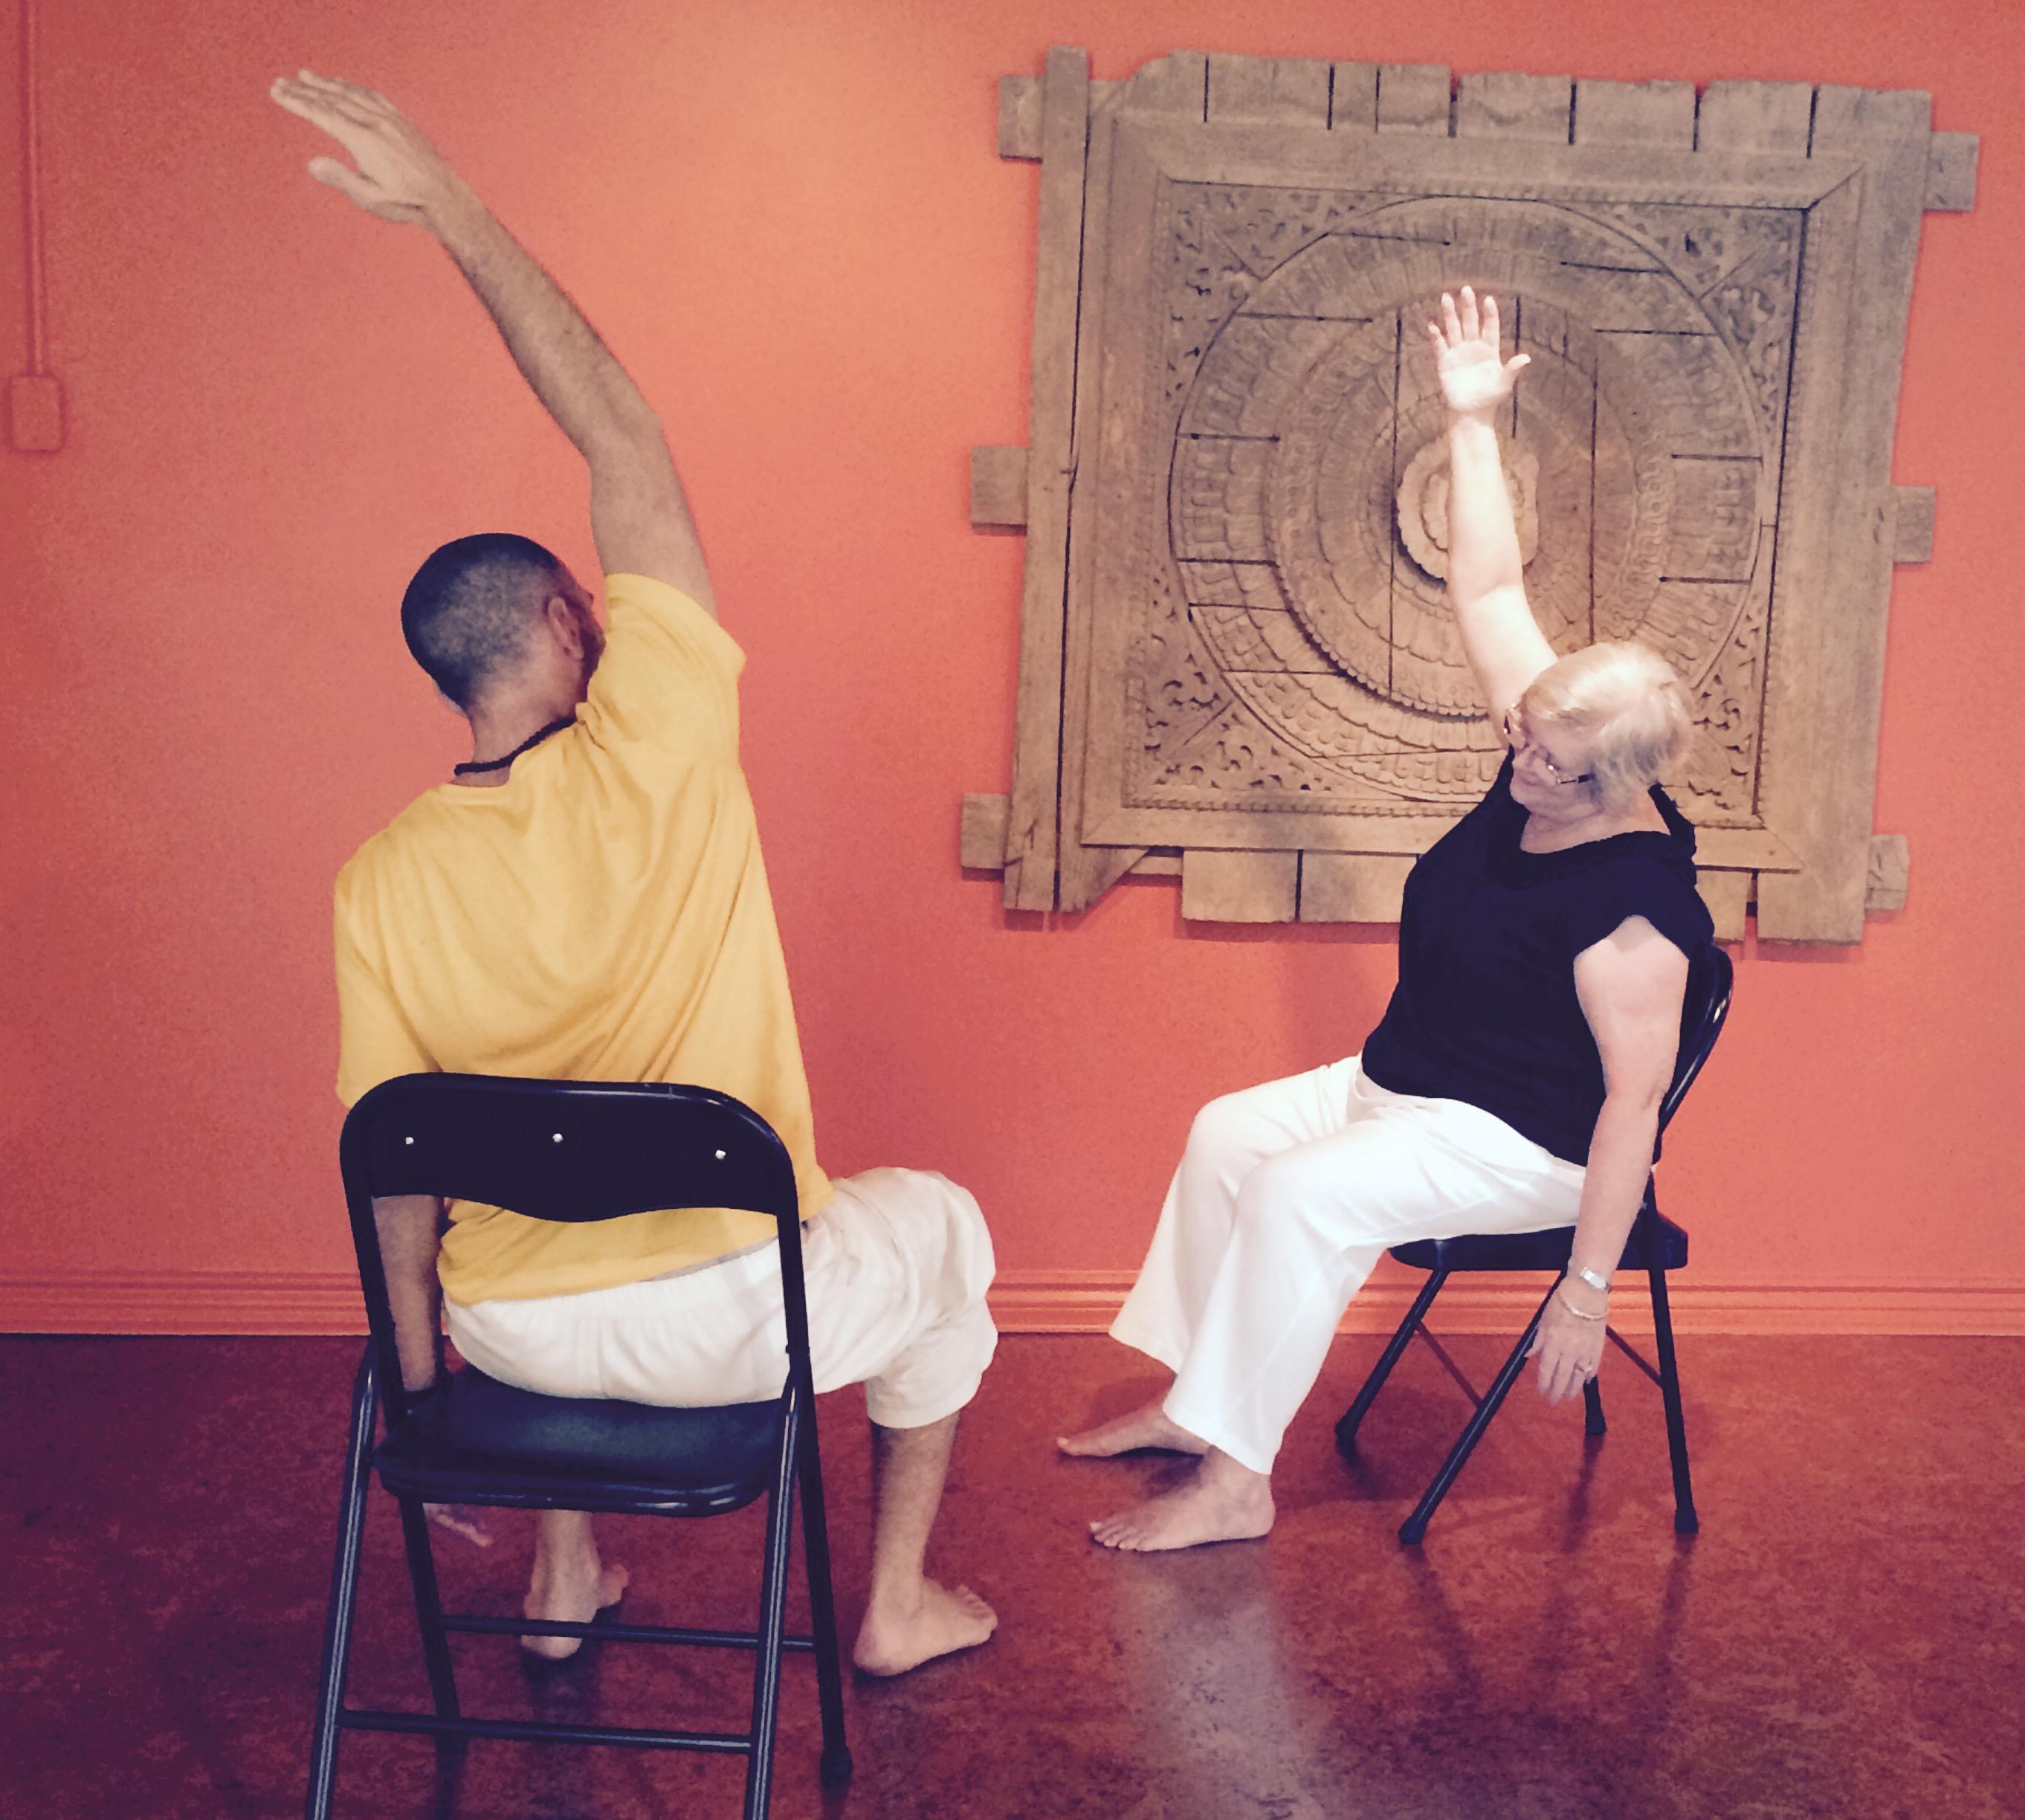 Chair Yoga Training PranaShanti Yoga Centre